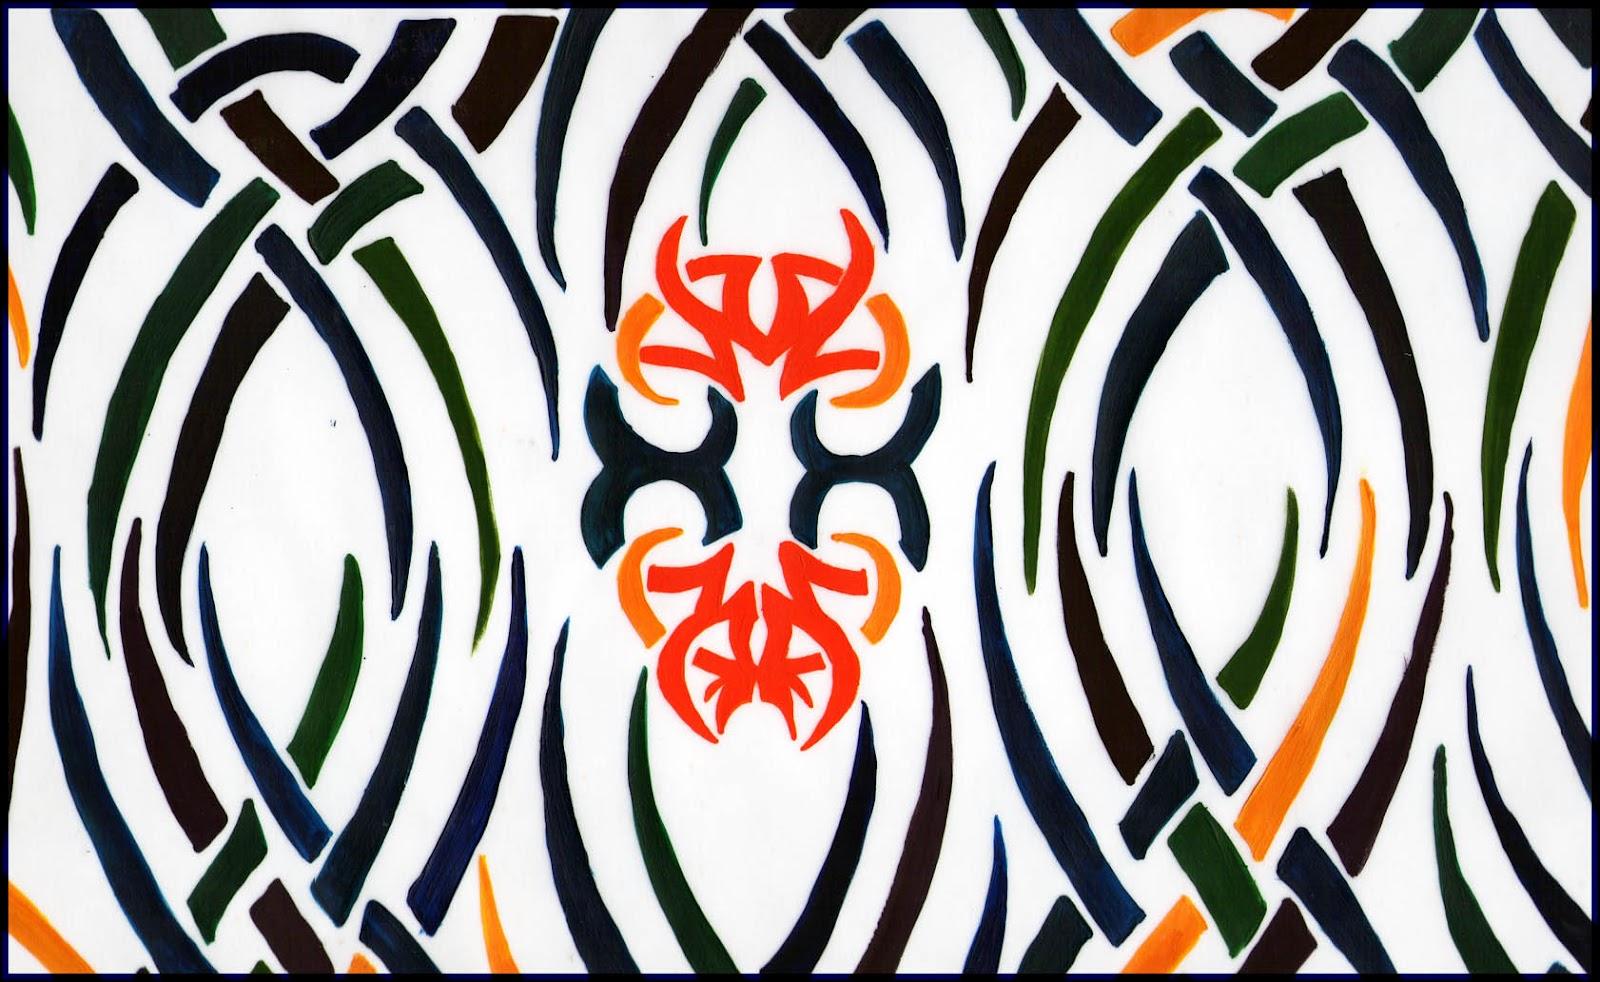 Arte, Siluetas Negras Sobre Fondo Blanco Y Un Poco De